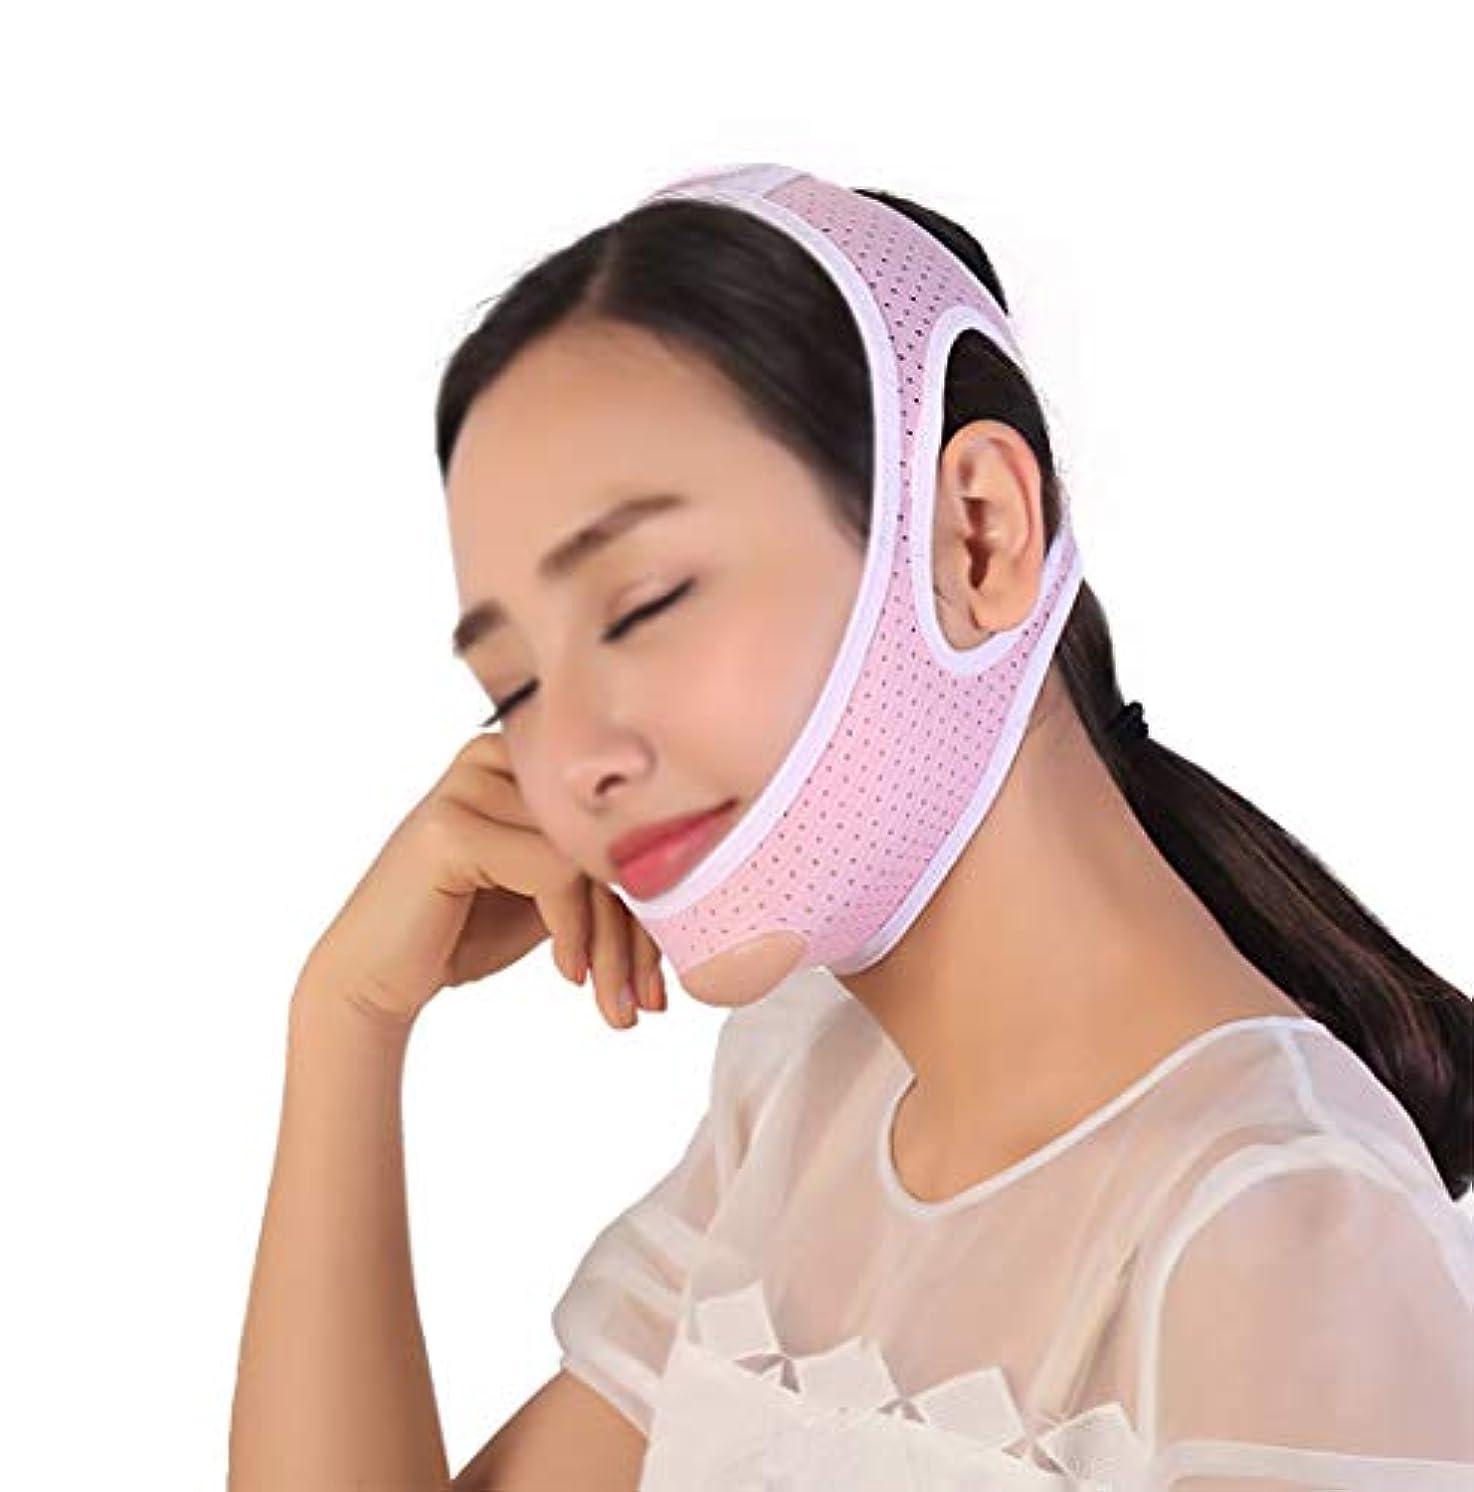 可能増強送ったフェイスリフトフェイシャル、肌のリラクゼーションを防ぐVフェイスマスクVフェイスアーチファクトフェイスリフト包帯フェイスケア (Size : M)